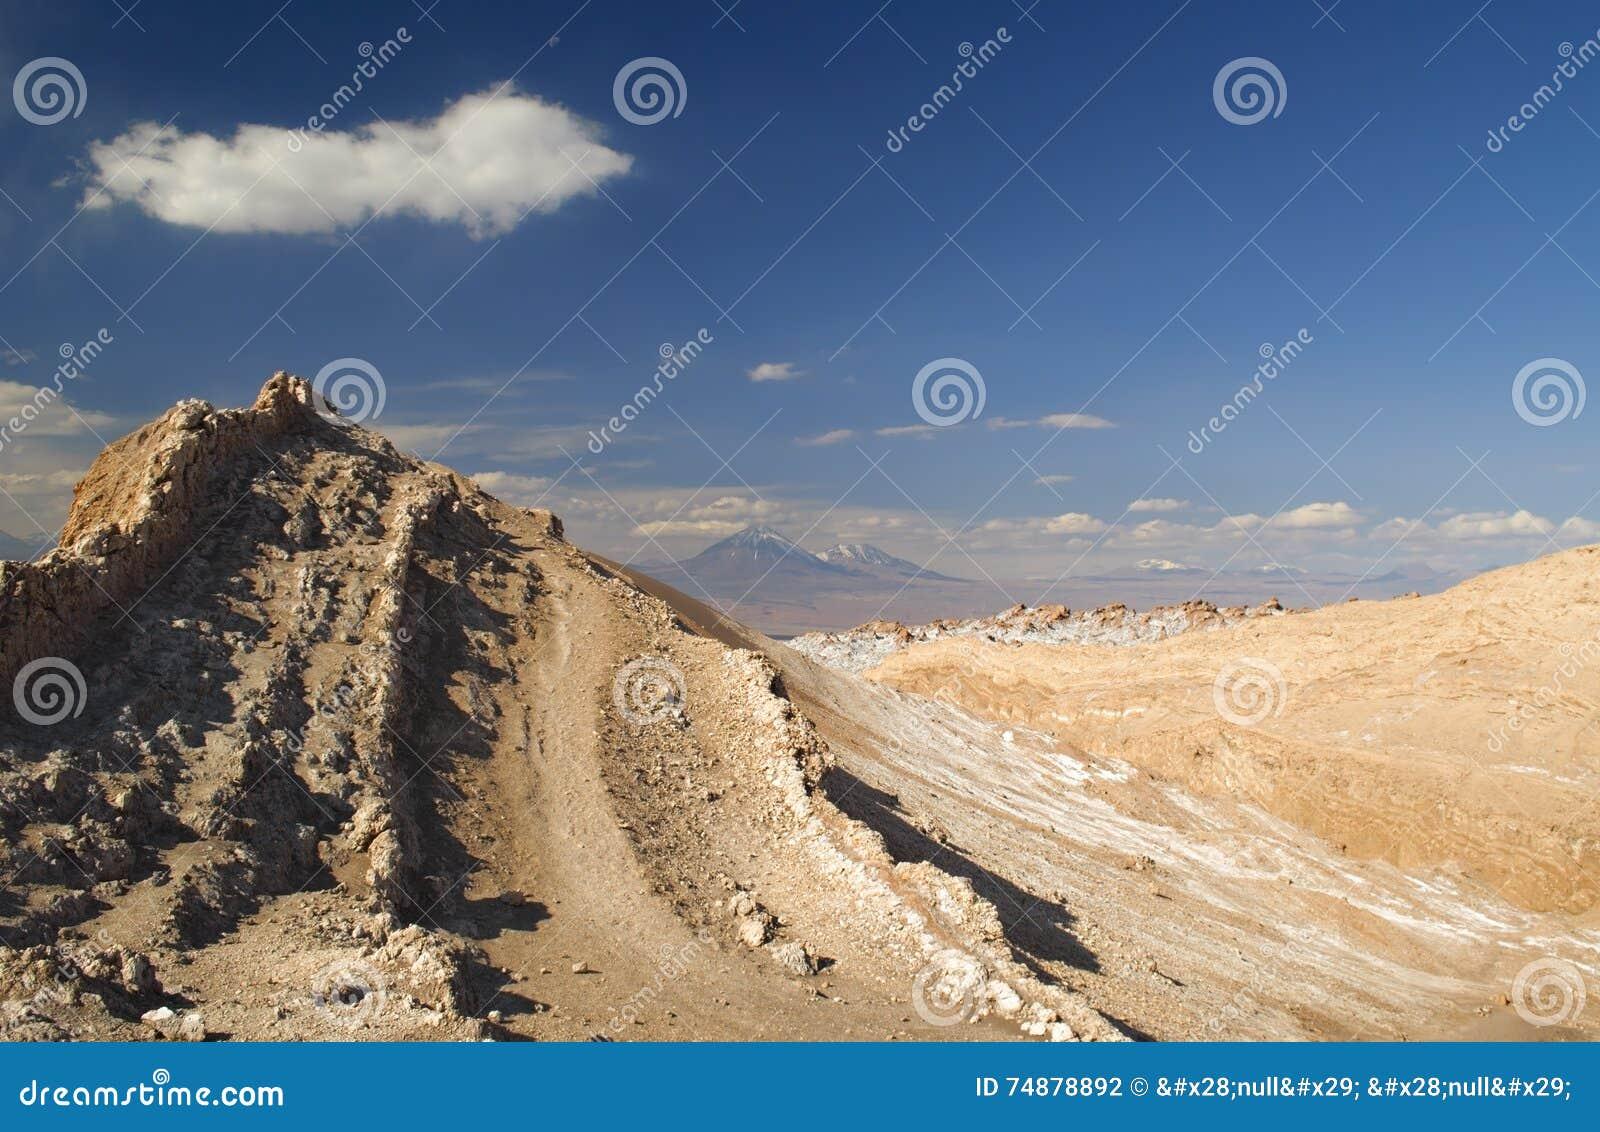 Dunas de areia rochosas, hostis que conduzem ao vulcão dois na distância no vale da lua, deserto de Atacama